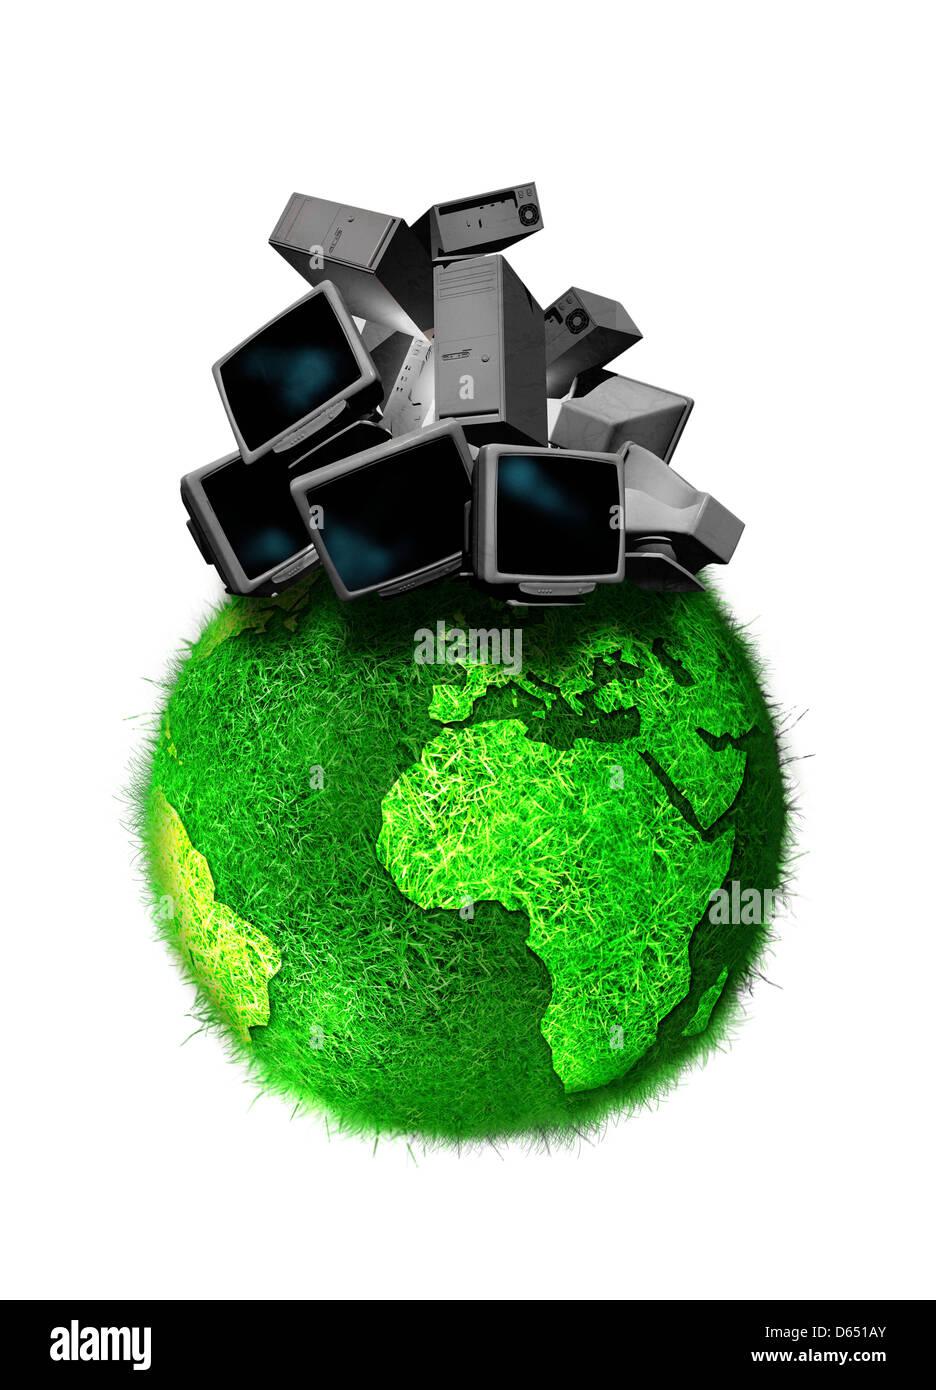 Reciclaje tecnología obsoleta, ilustraciones Imagen De Stock